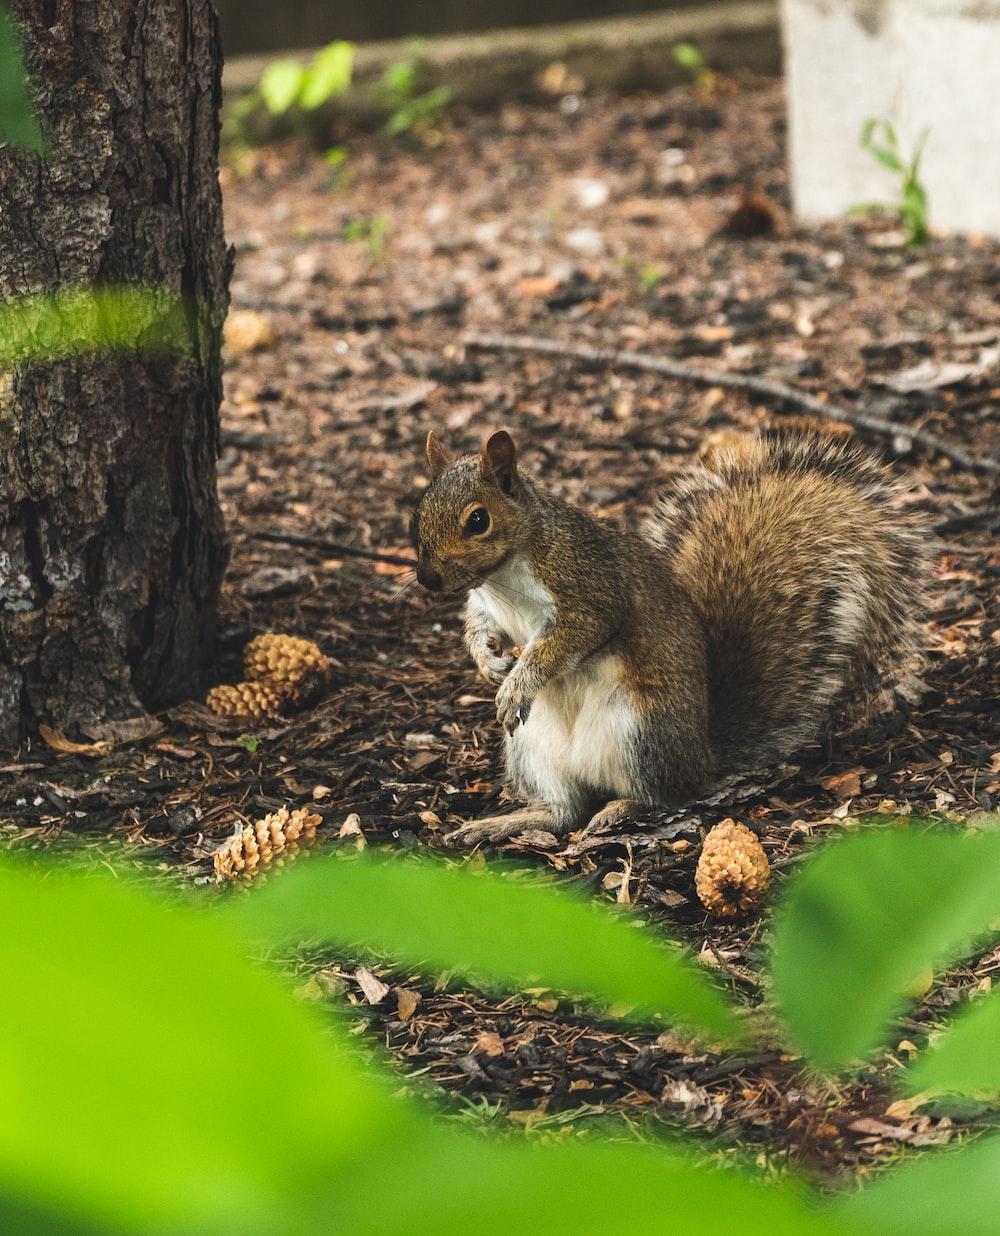 squirrel standing beside pine cones